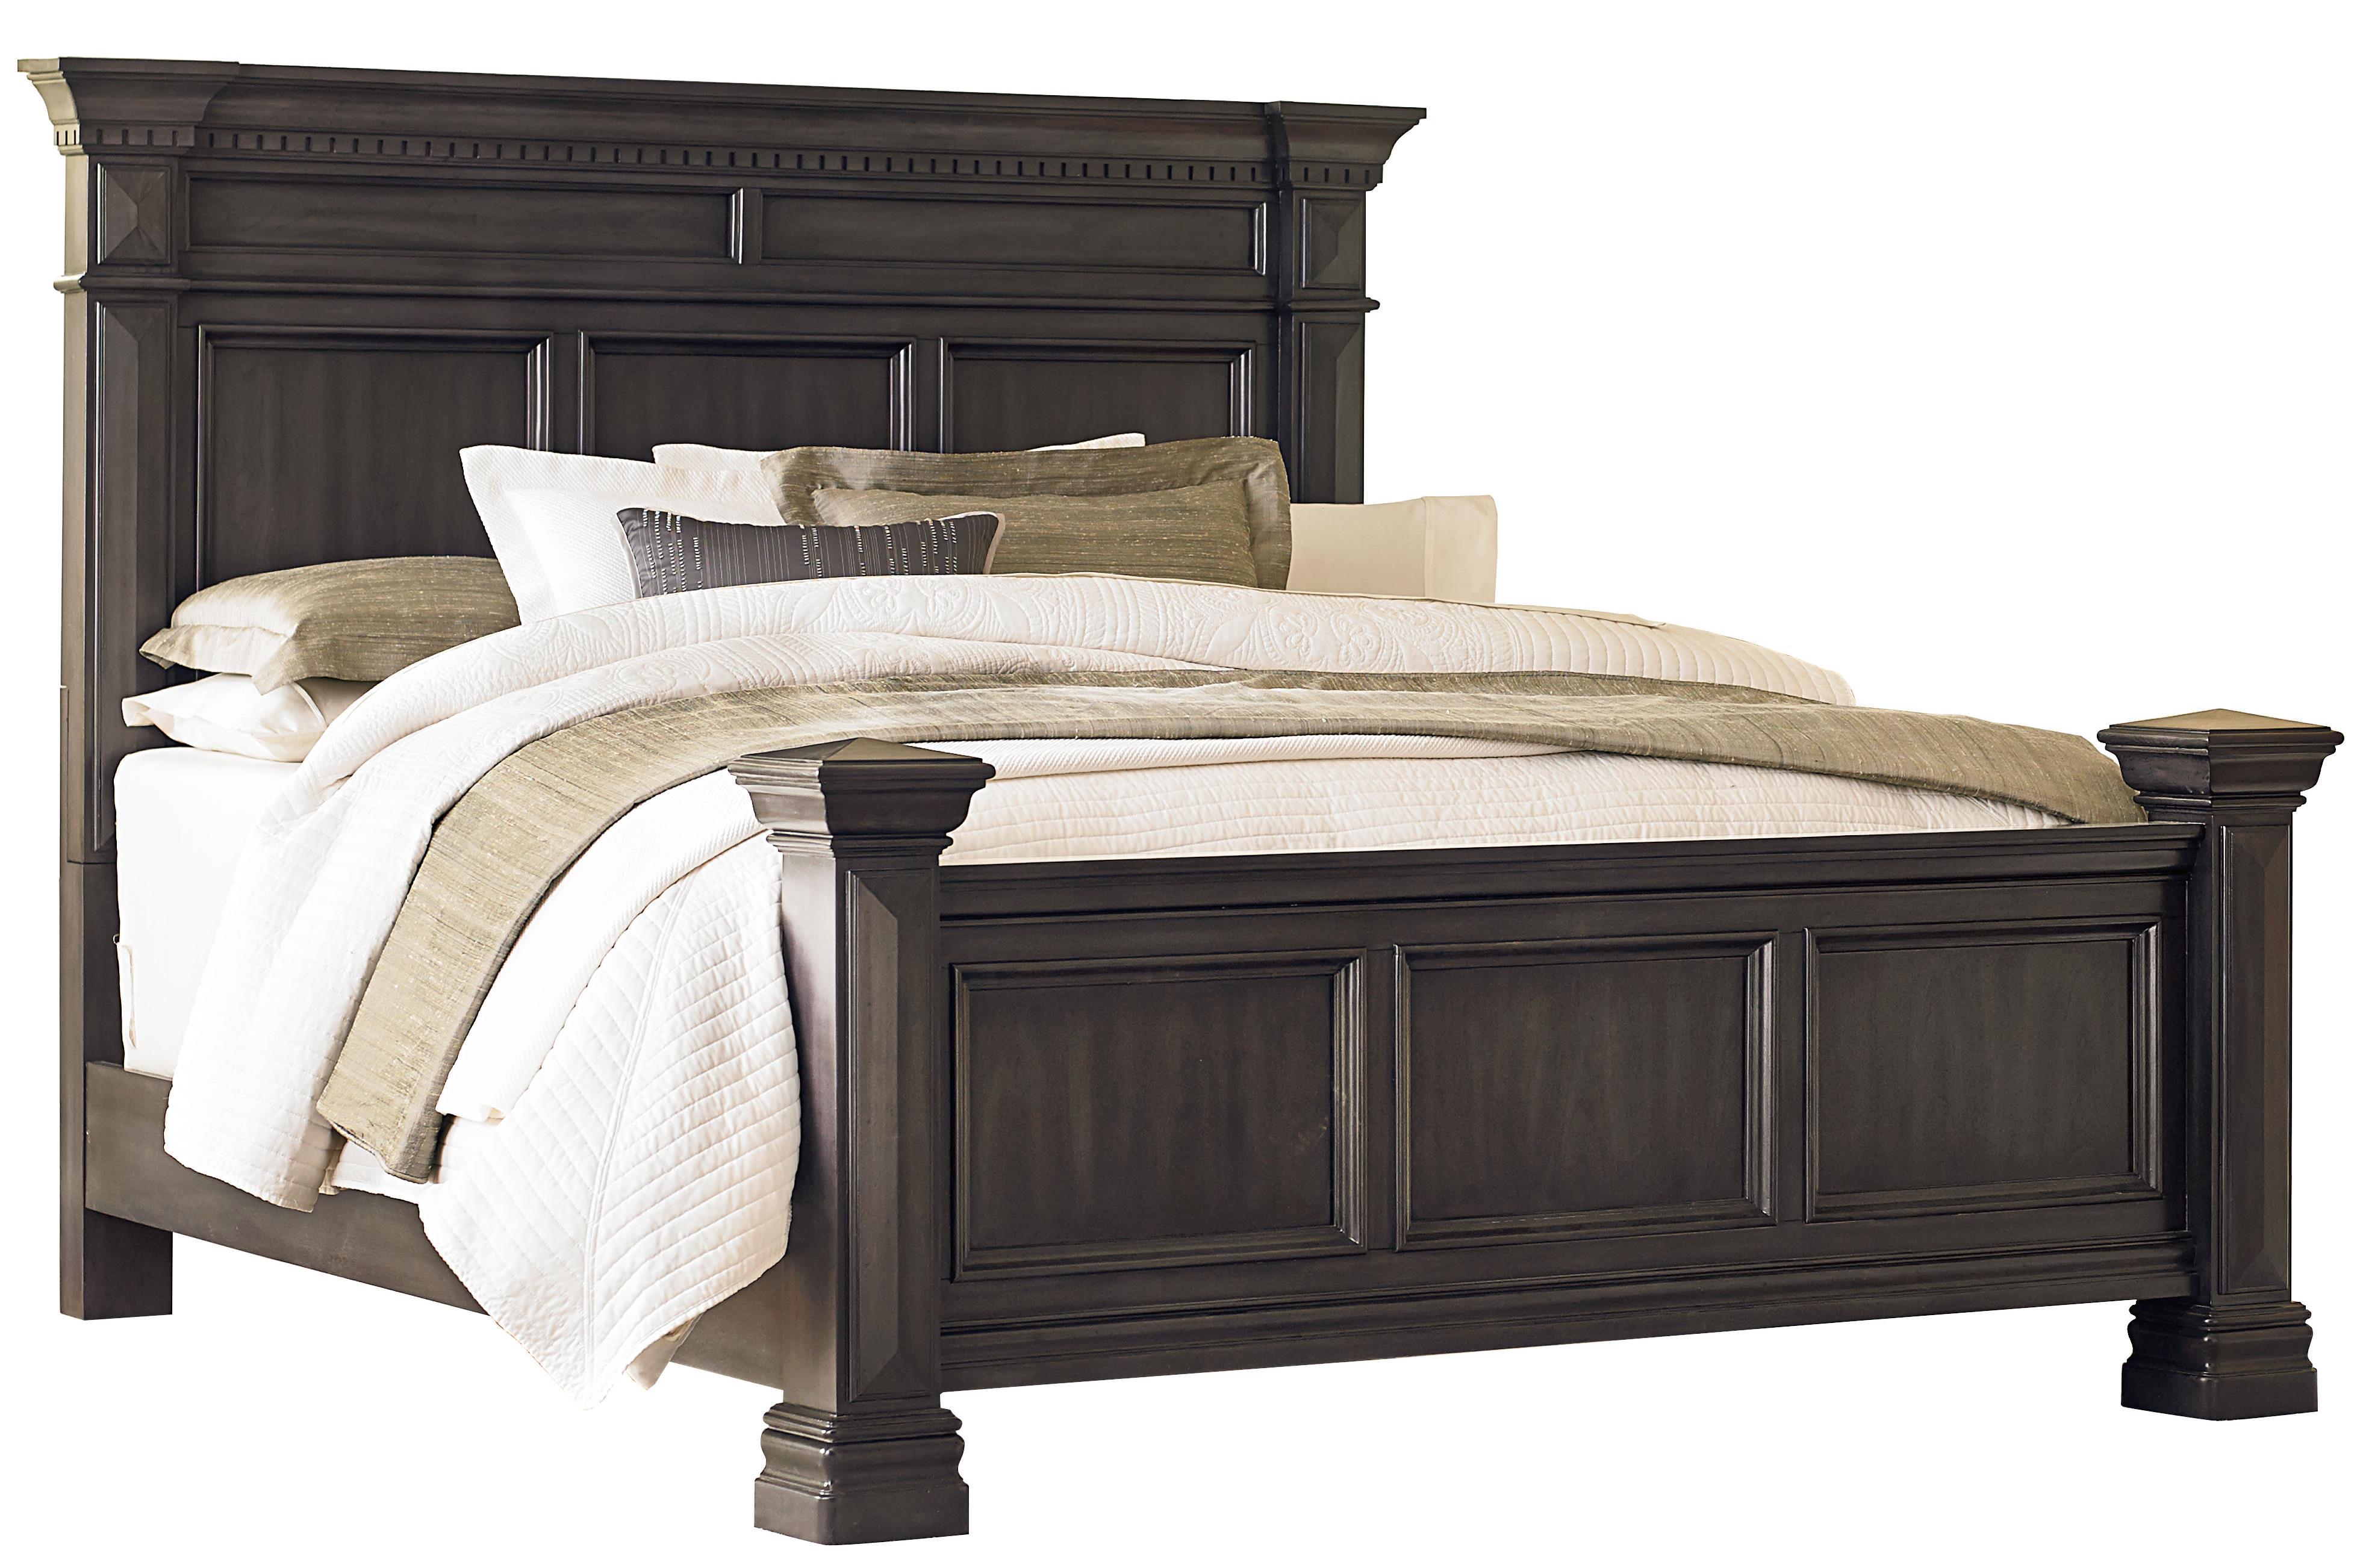 standard furniture garrison king panel bed with smooth grey finish olinde 39 s furniture panel beds. Black Bedroom Furniture Sets. Home Design Ideas